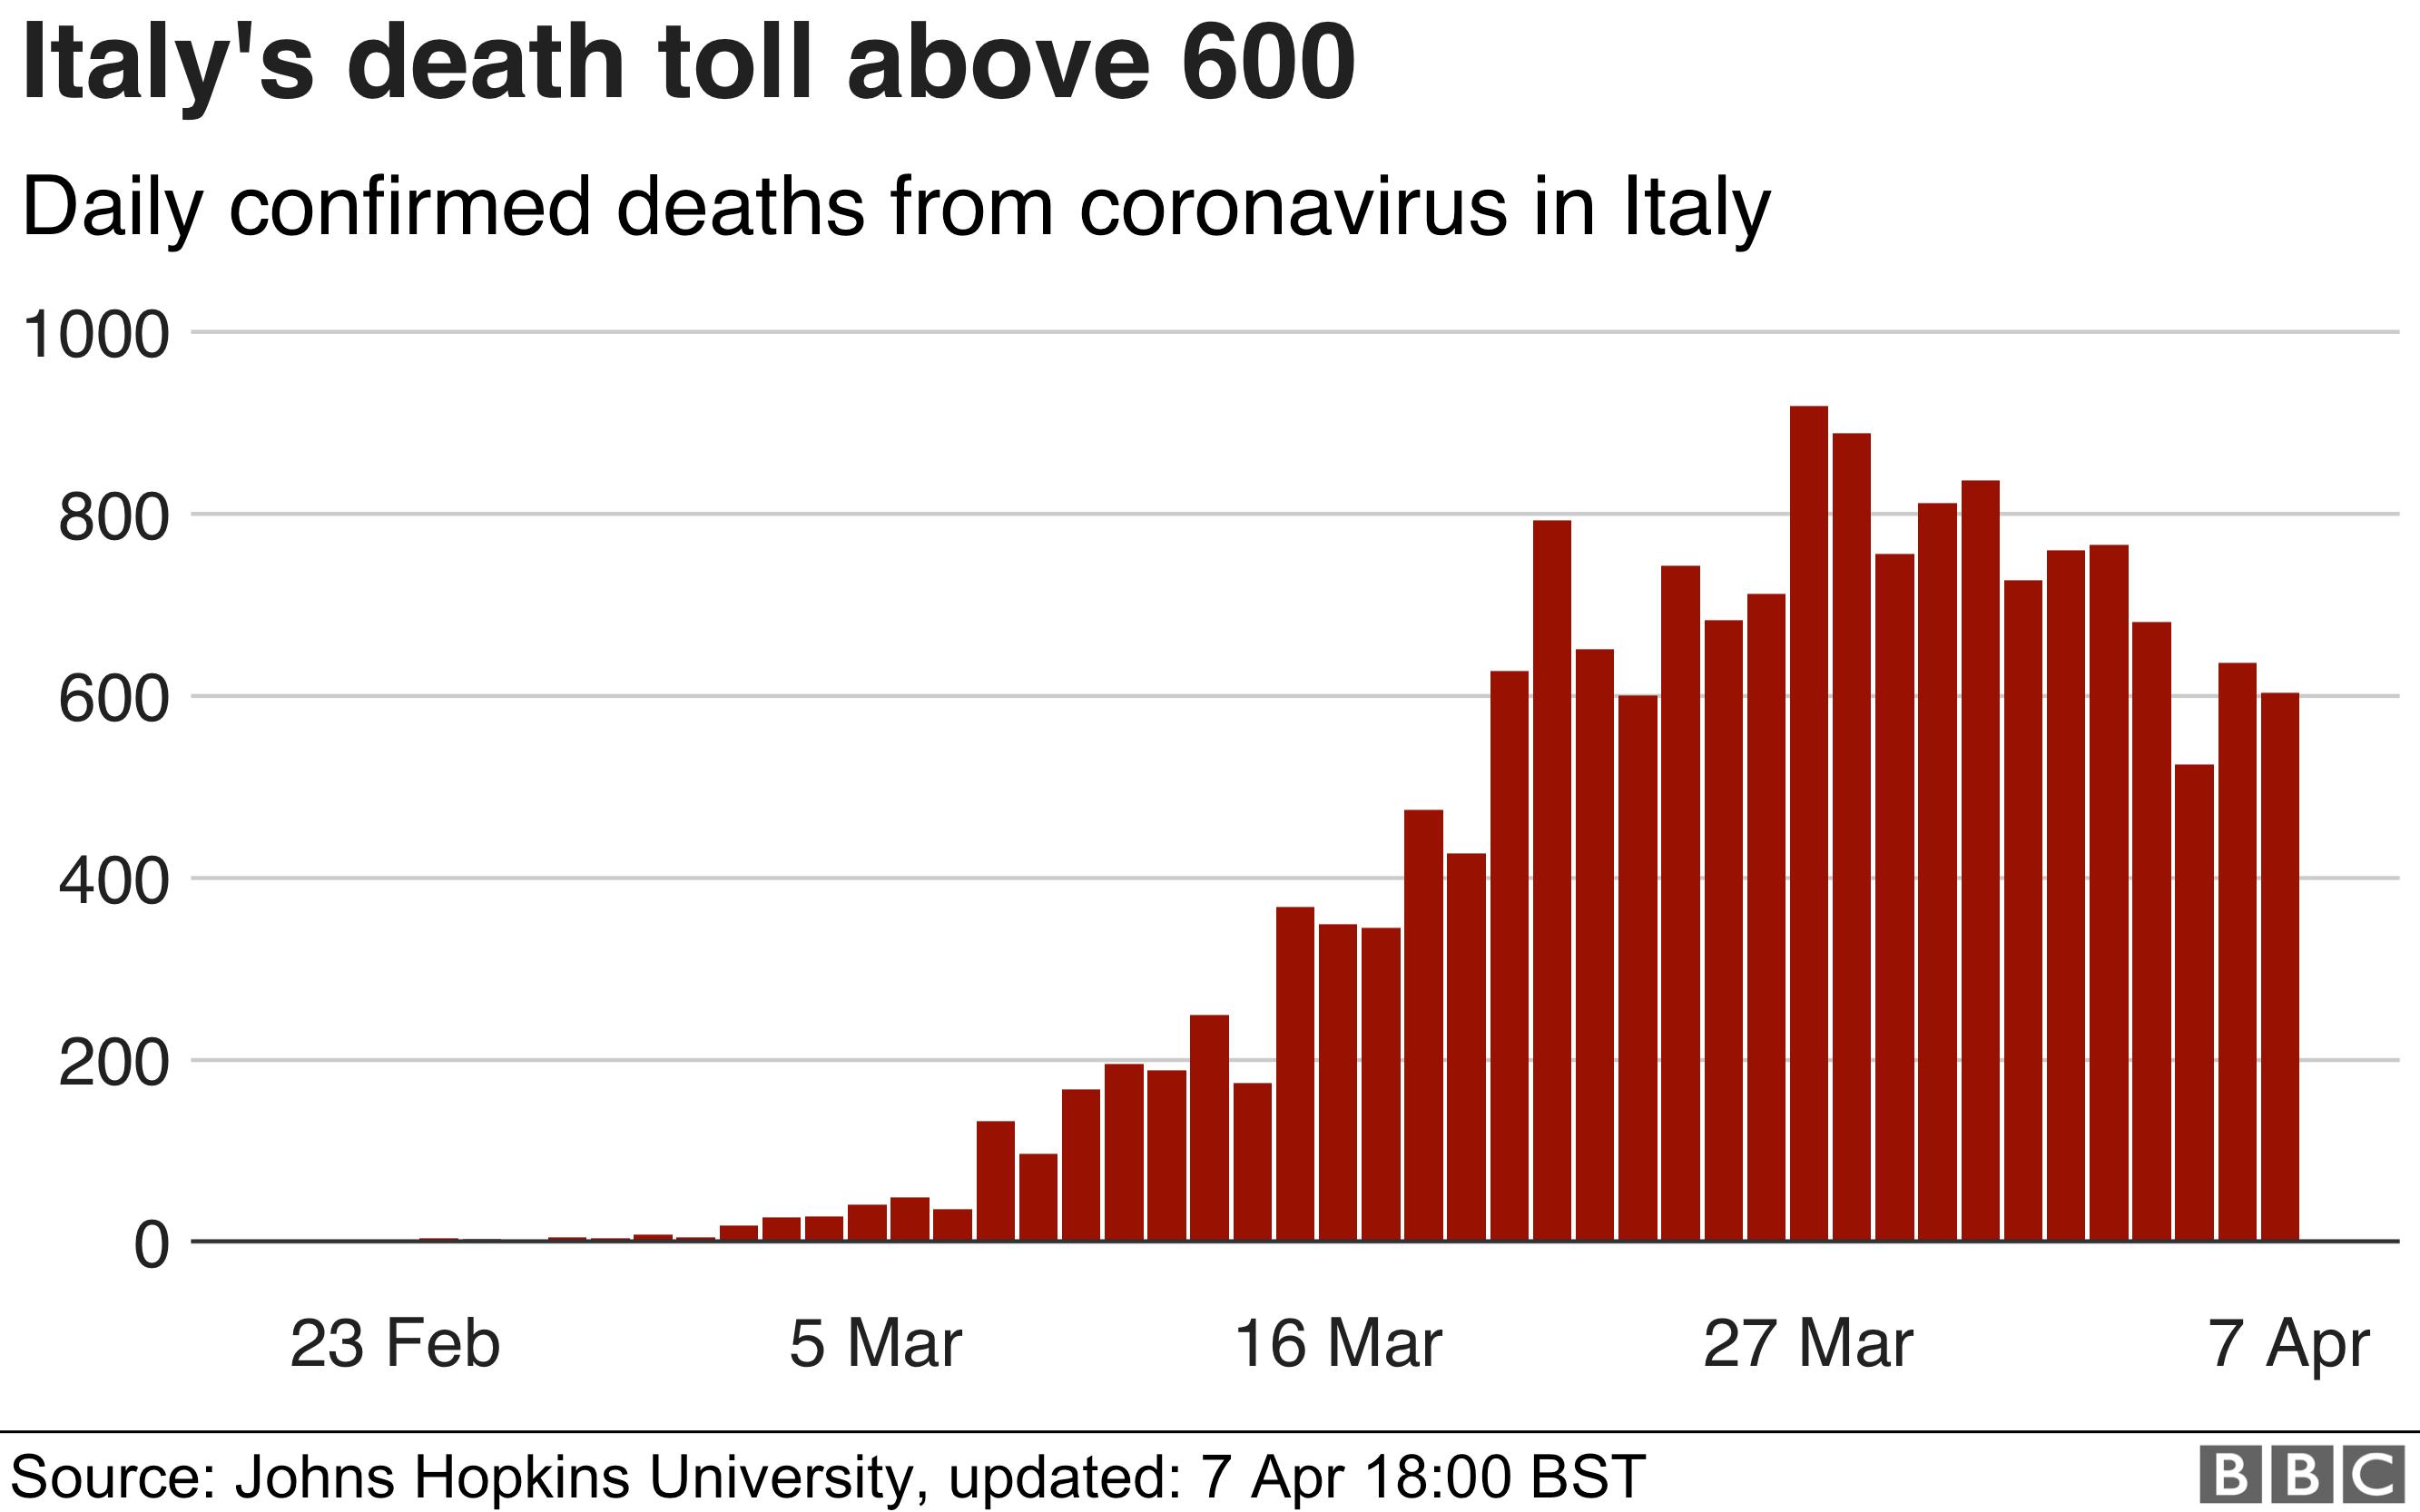 圖表顯示意大利每天的冠狀病毒死亡人數正在放緩